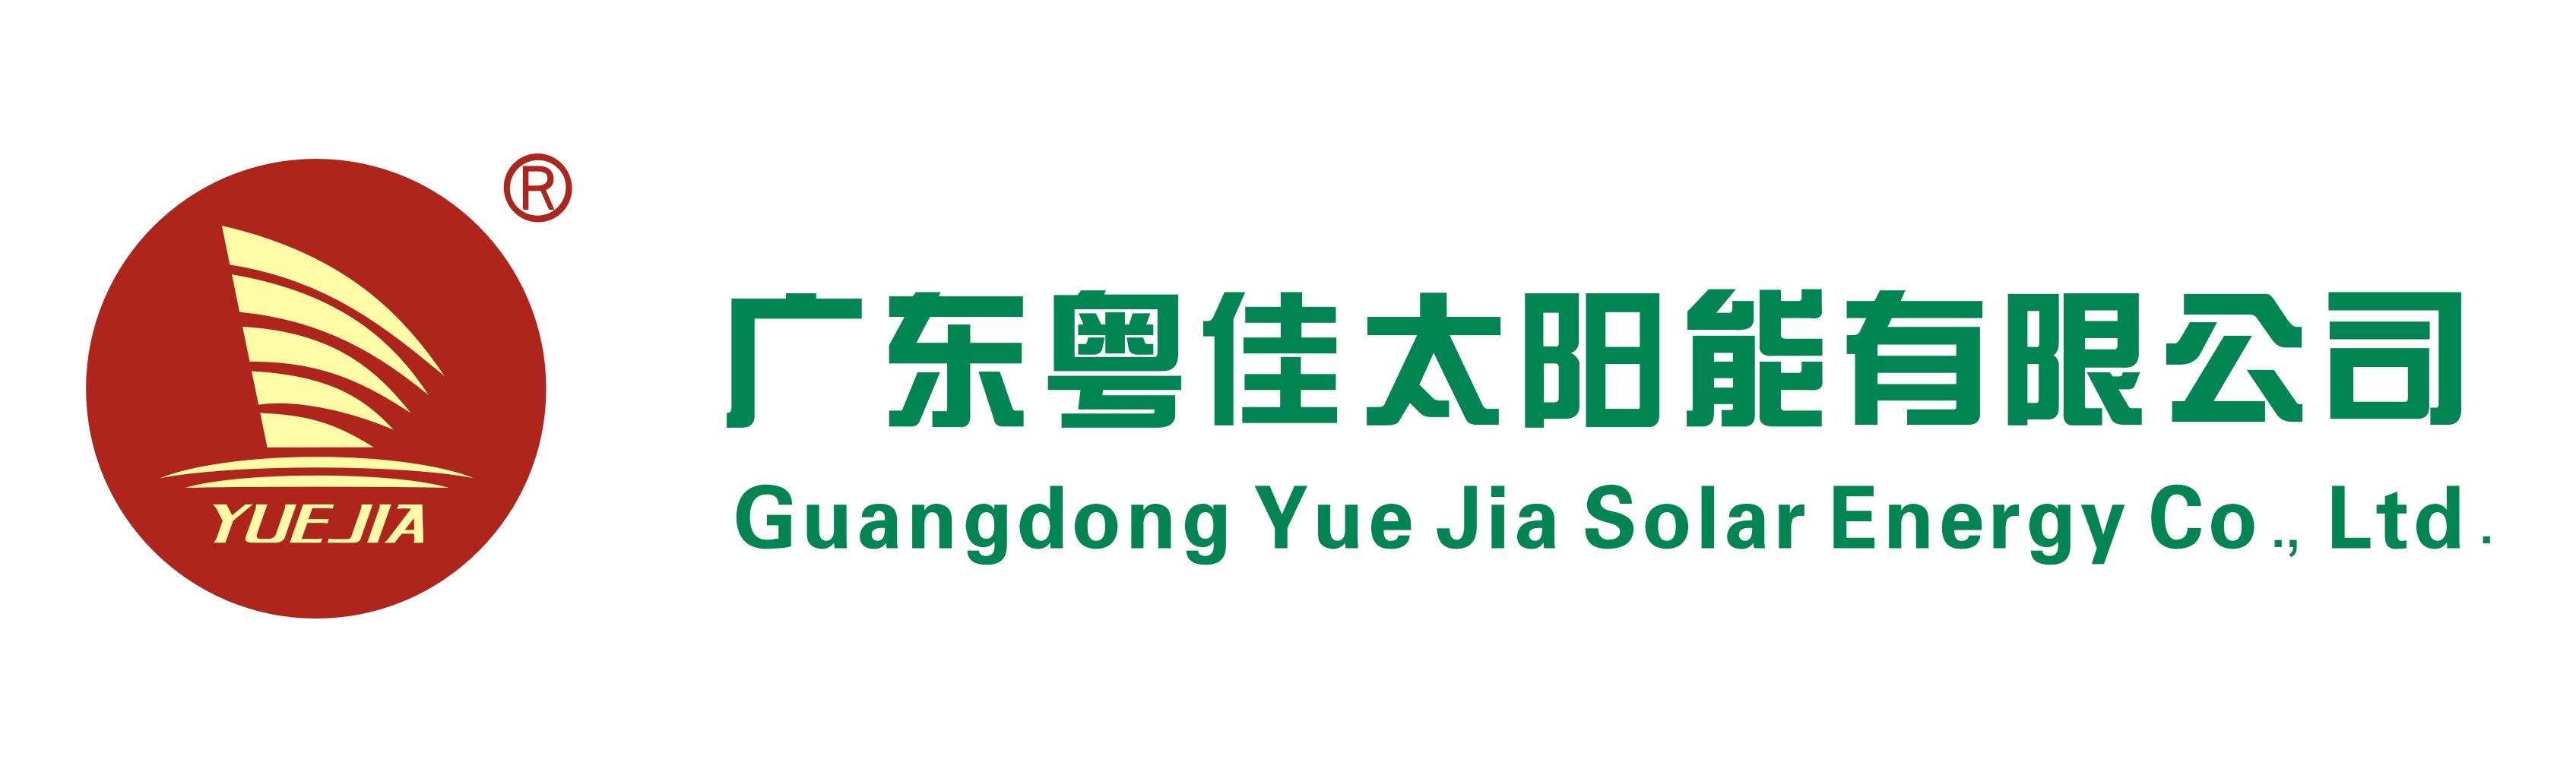 广东粤佳太阳能有限公司